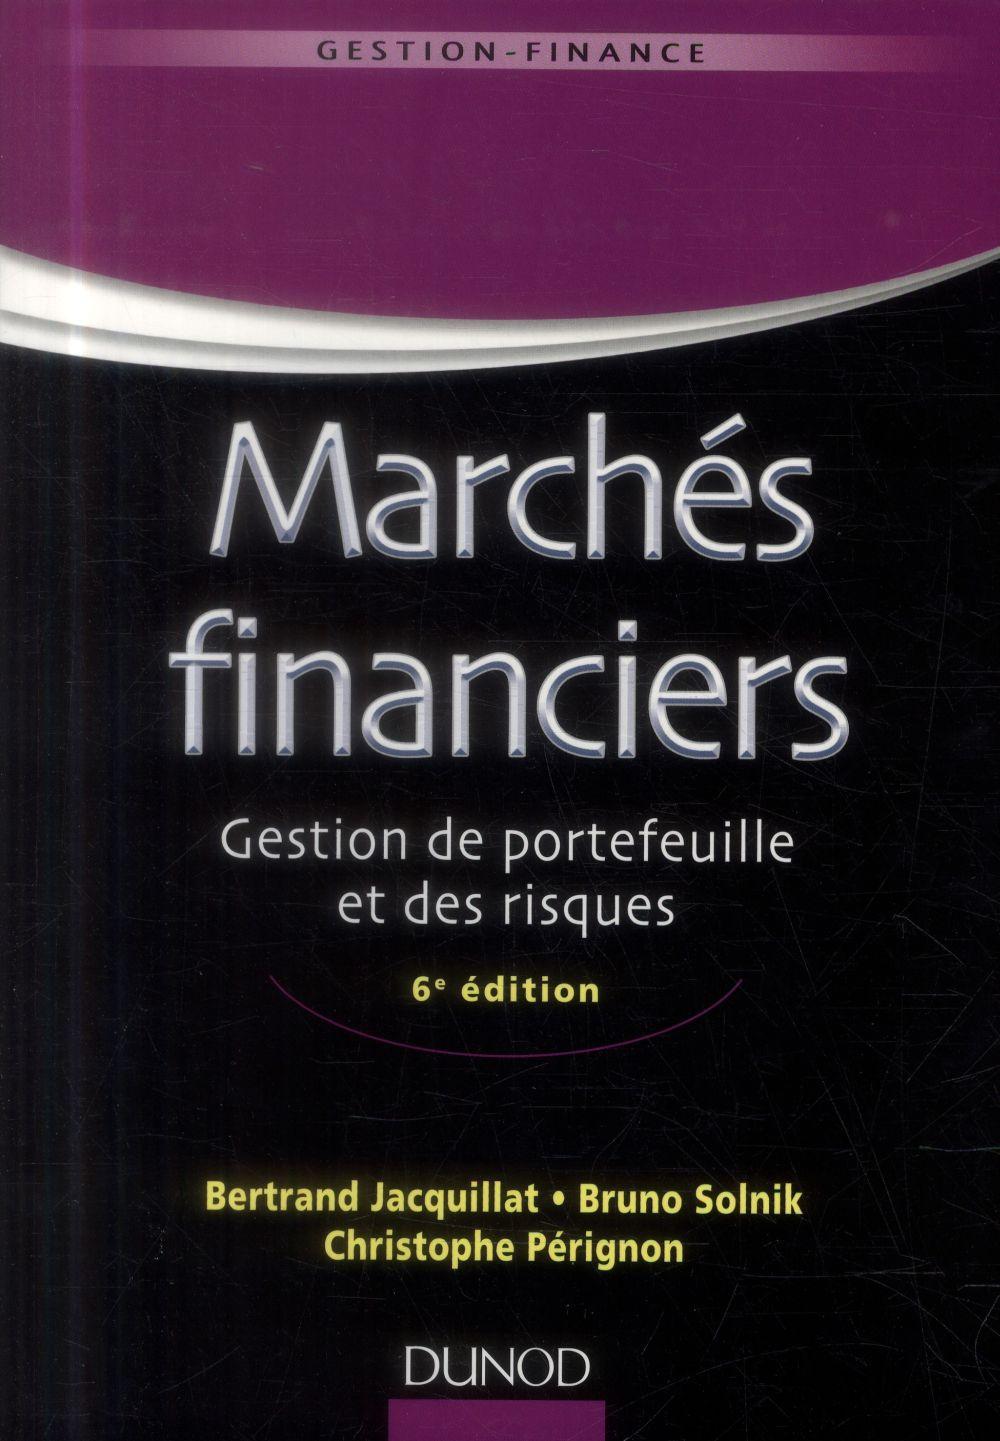 marchés financiers ; gestion de portefeuille et des risques (6e édition)